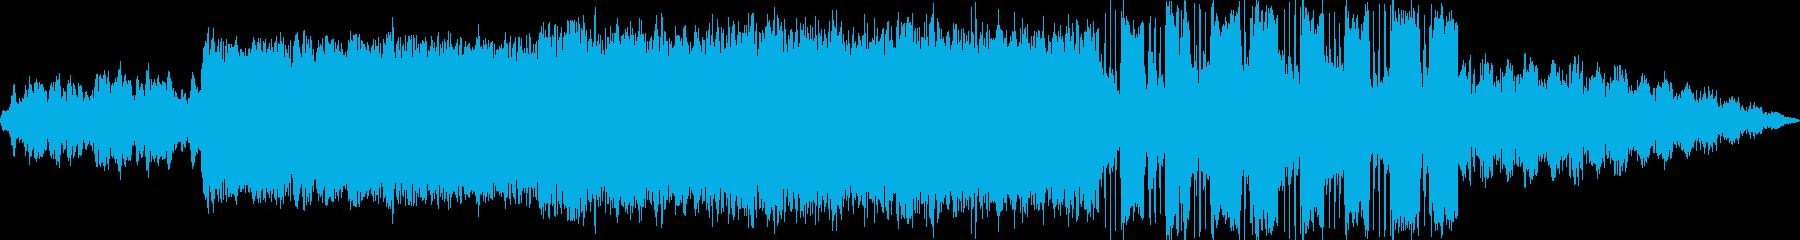 不思議な雰囲気のアンビエントの再生済みの波形